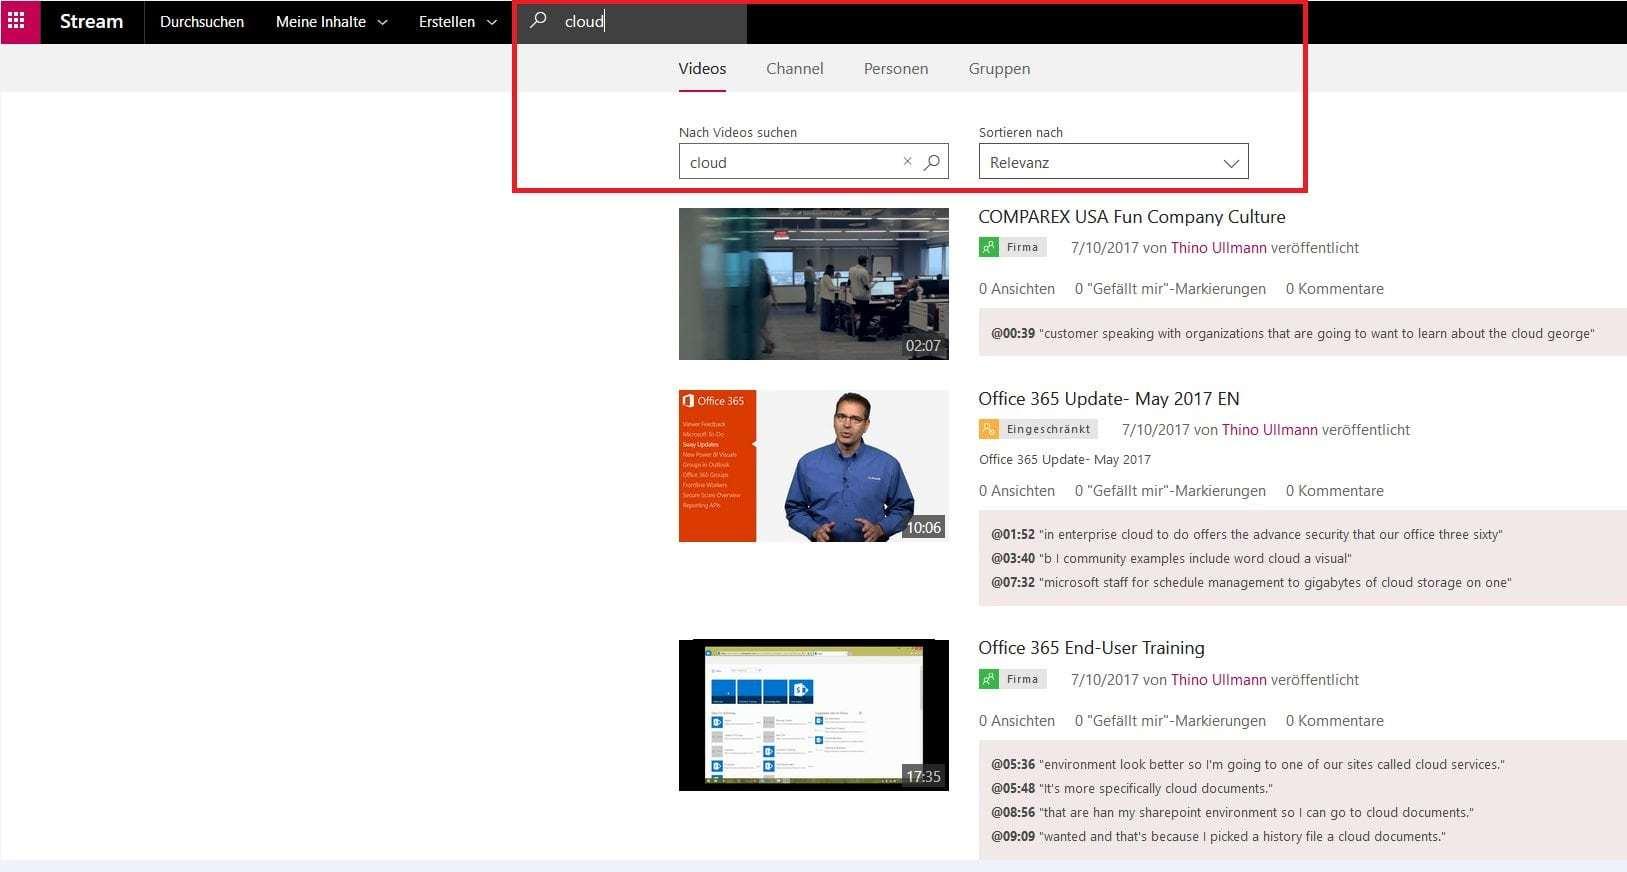 Microsoft Office Stream Beispiel für die transkribierung von Sprache in Text im Suchfeld